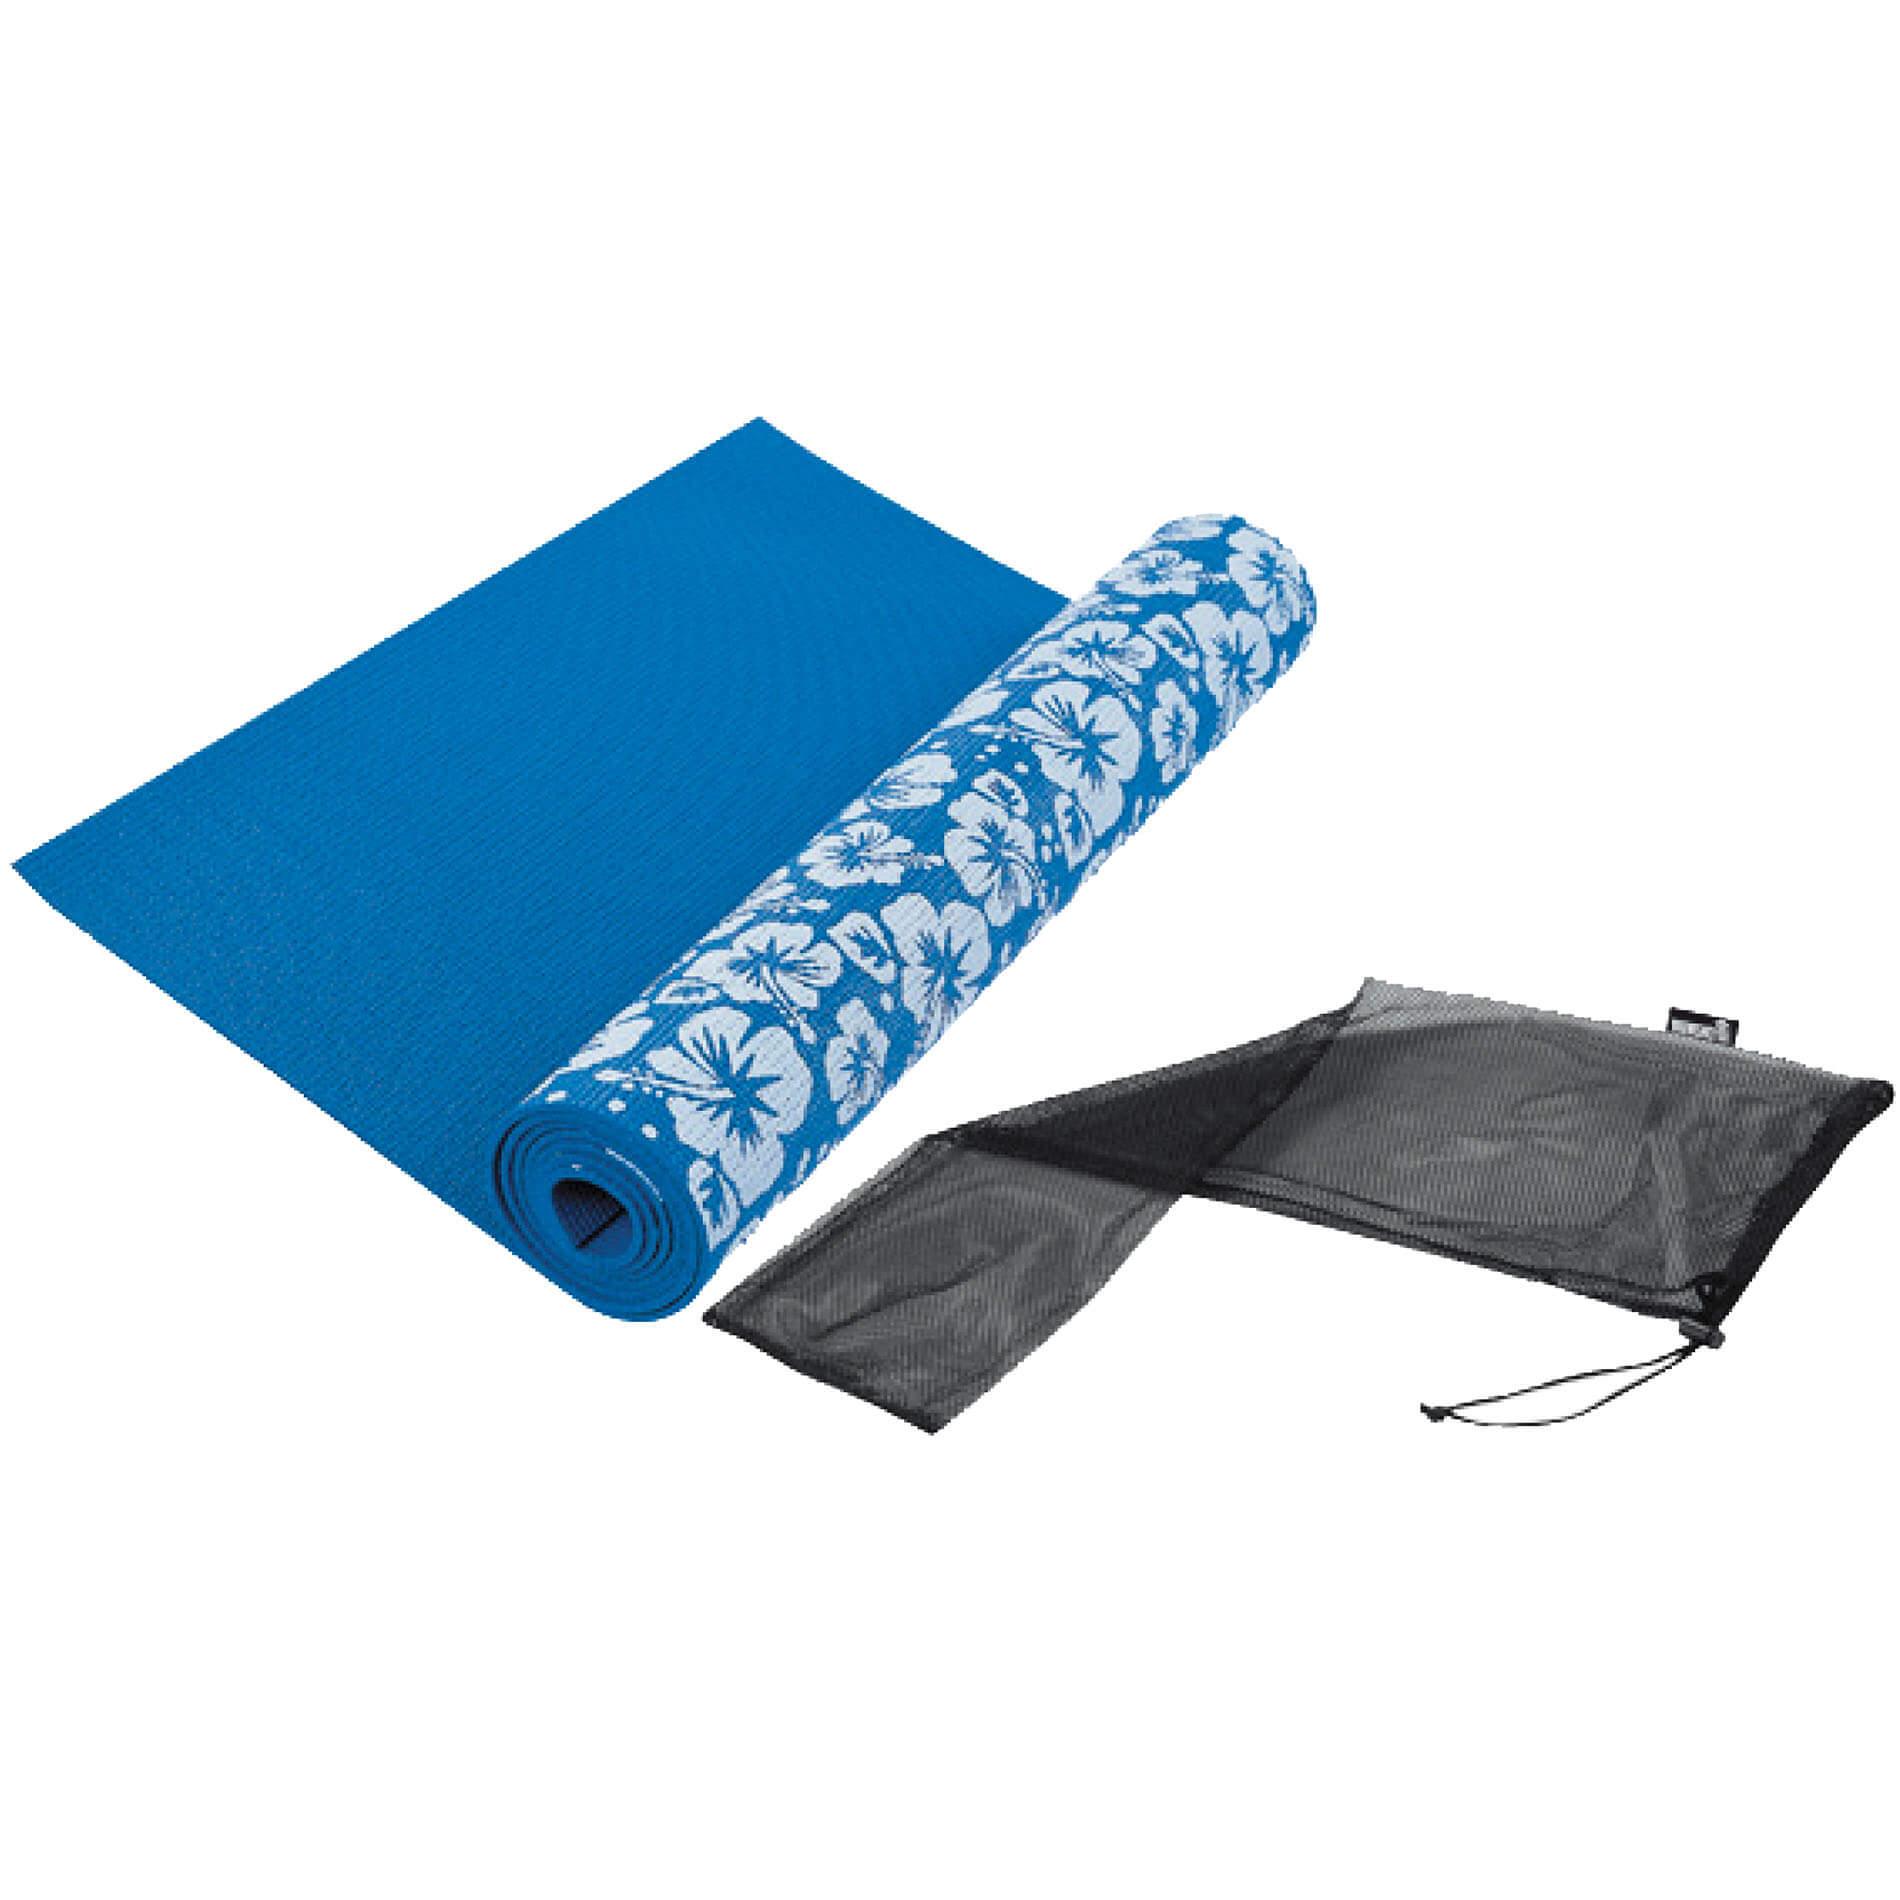 Tunturi-Bremshey Yoga Mat Print Blauw Stuk